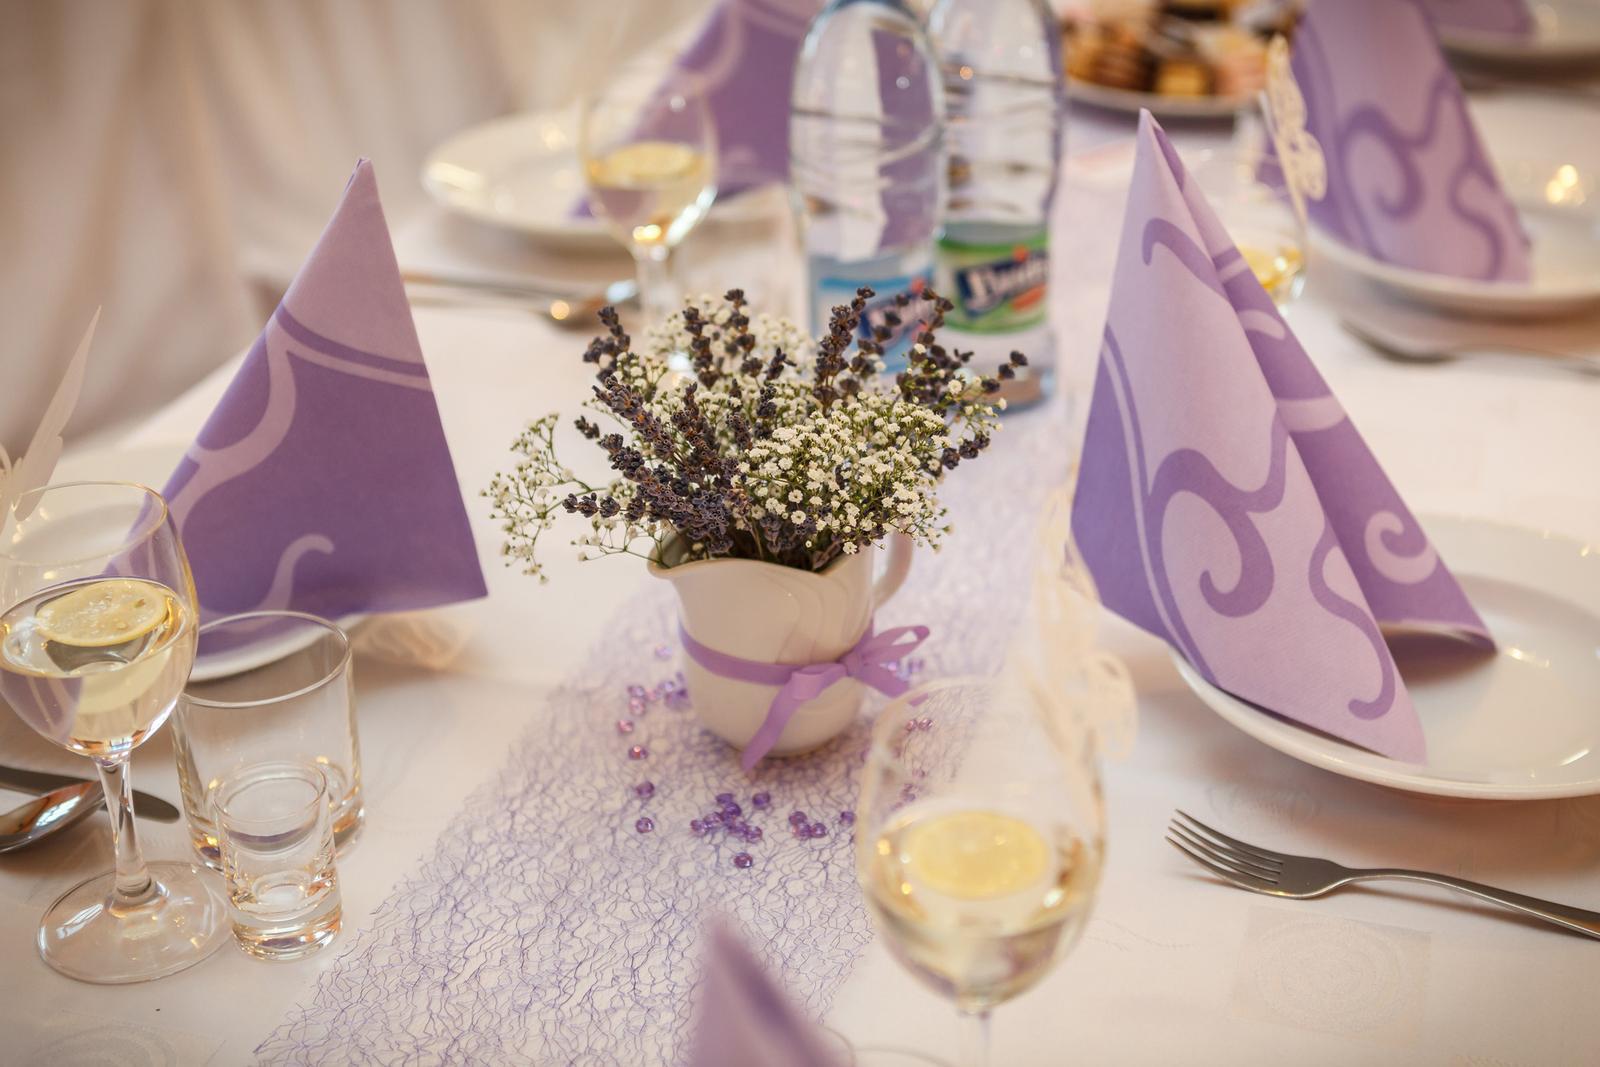 Baby, ak chystate svadbu v levandulovej/svetlofialovej farbe, nazrite do mojho bazarika. Mozno sa vam bude nieco hodit ;-) - Obrázok č. 2